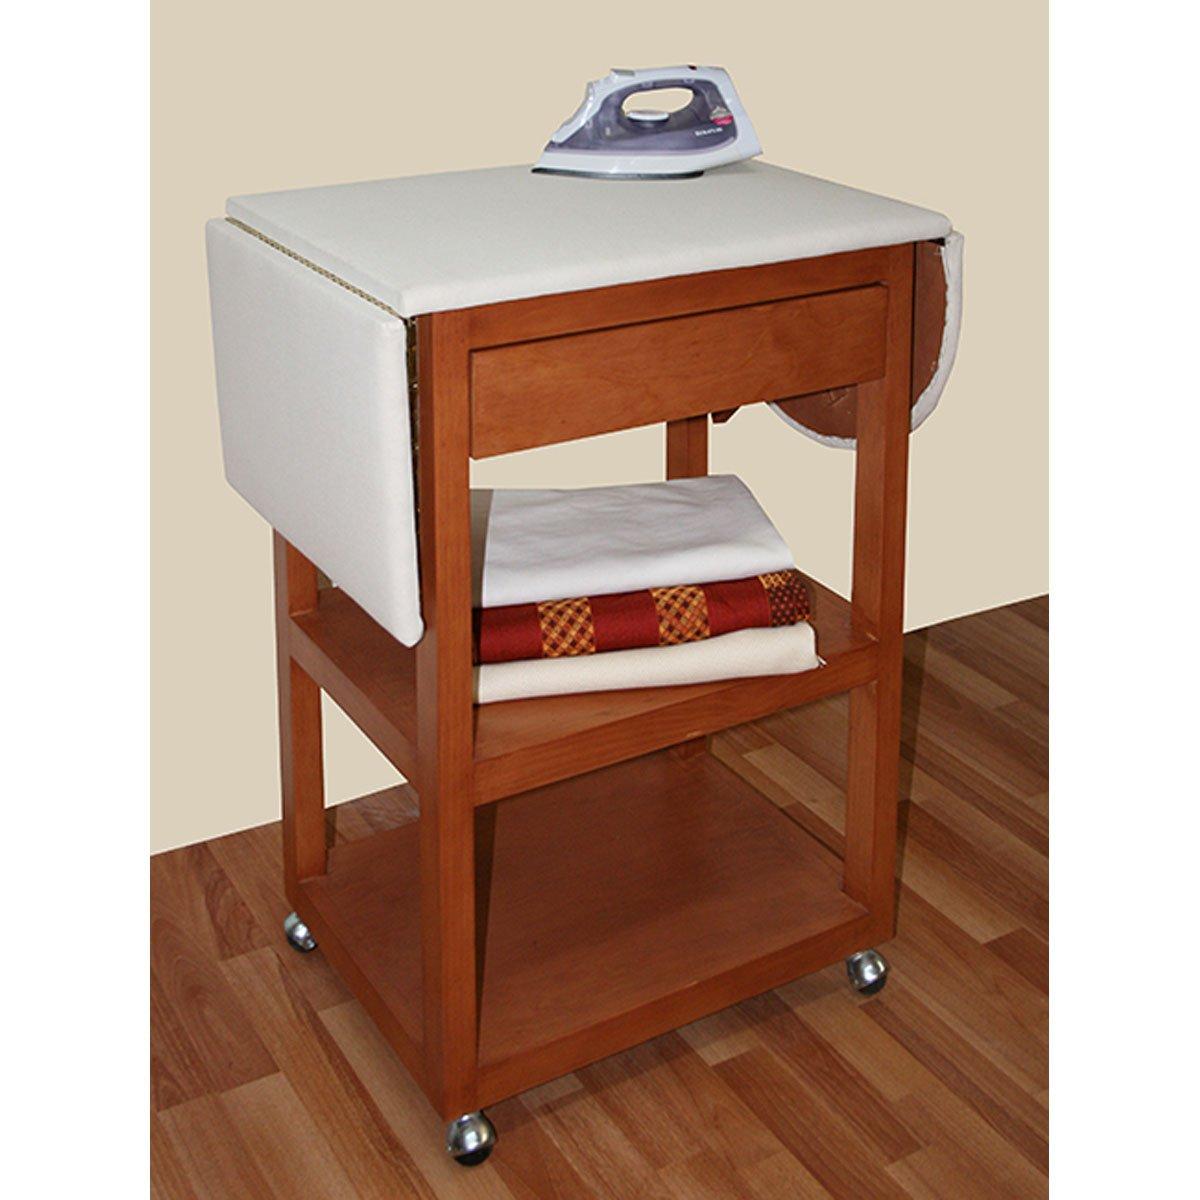 Tabla de planchar con mueble incorporado cheap coge la - Tabla planchar leroy merlin ...